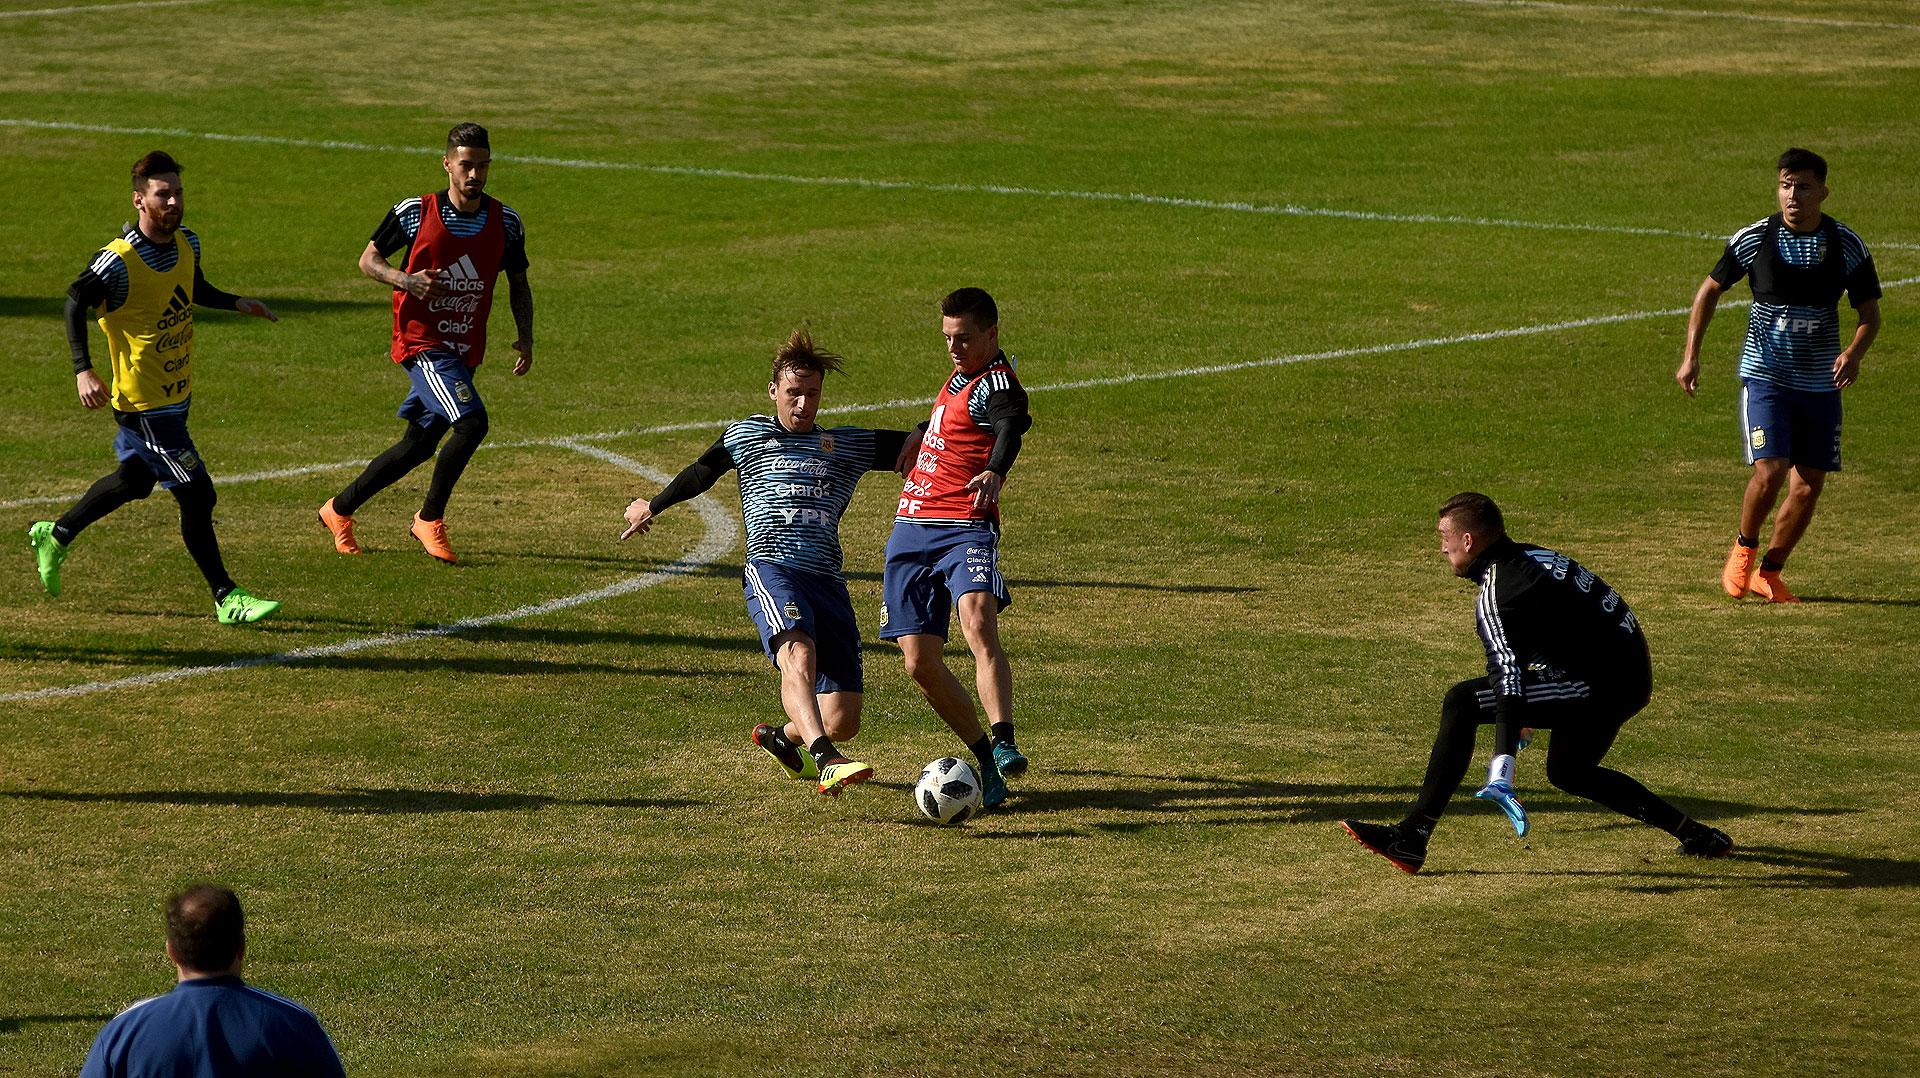 Sampaoli dispuso trabajos en espacios reducidos de cinco contra cinco, con Messi como jugador para ambos equipos. De un lado defendieron Salvio, Mercado, Rojo y Acuña, acompañados por Biglia; del otro atacaron Di María, Lo Celso, un sparring, Lanzini e Higuaín